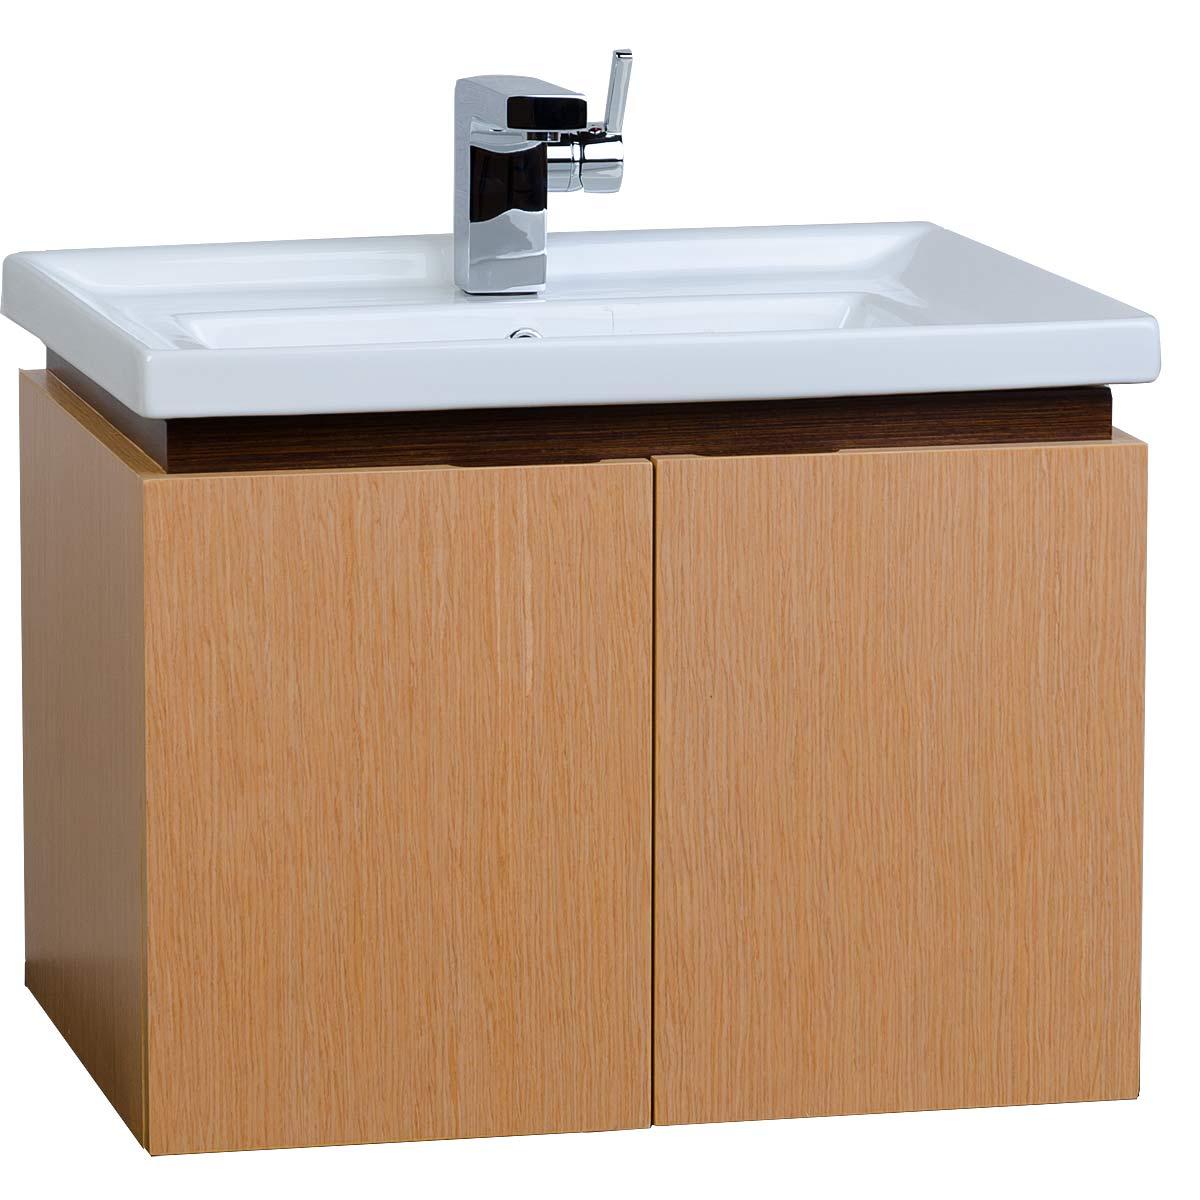 23 5 wall mount bathroom vanity set natural red oak